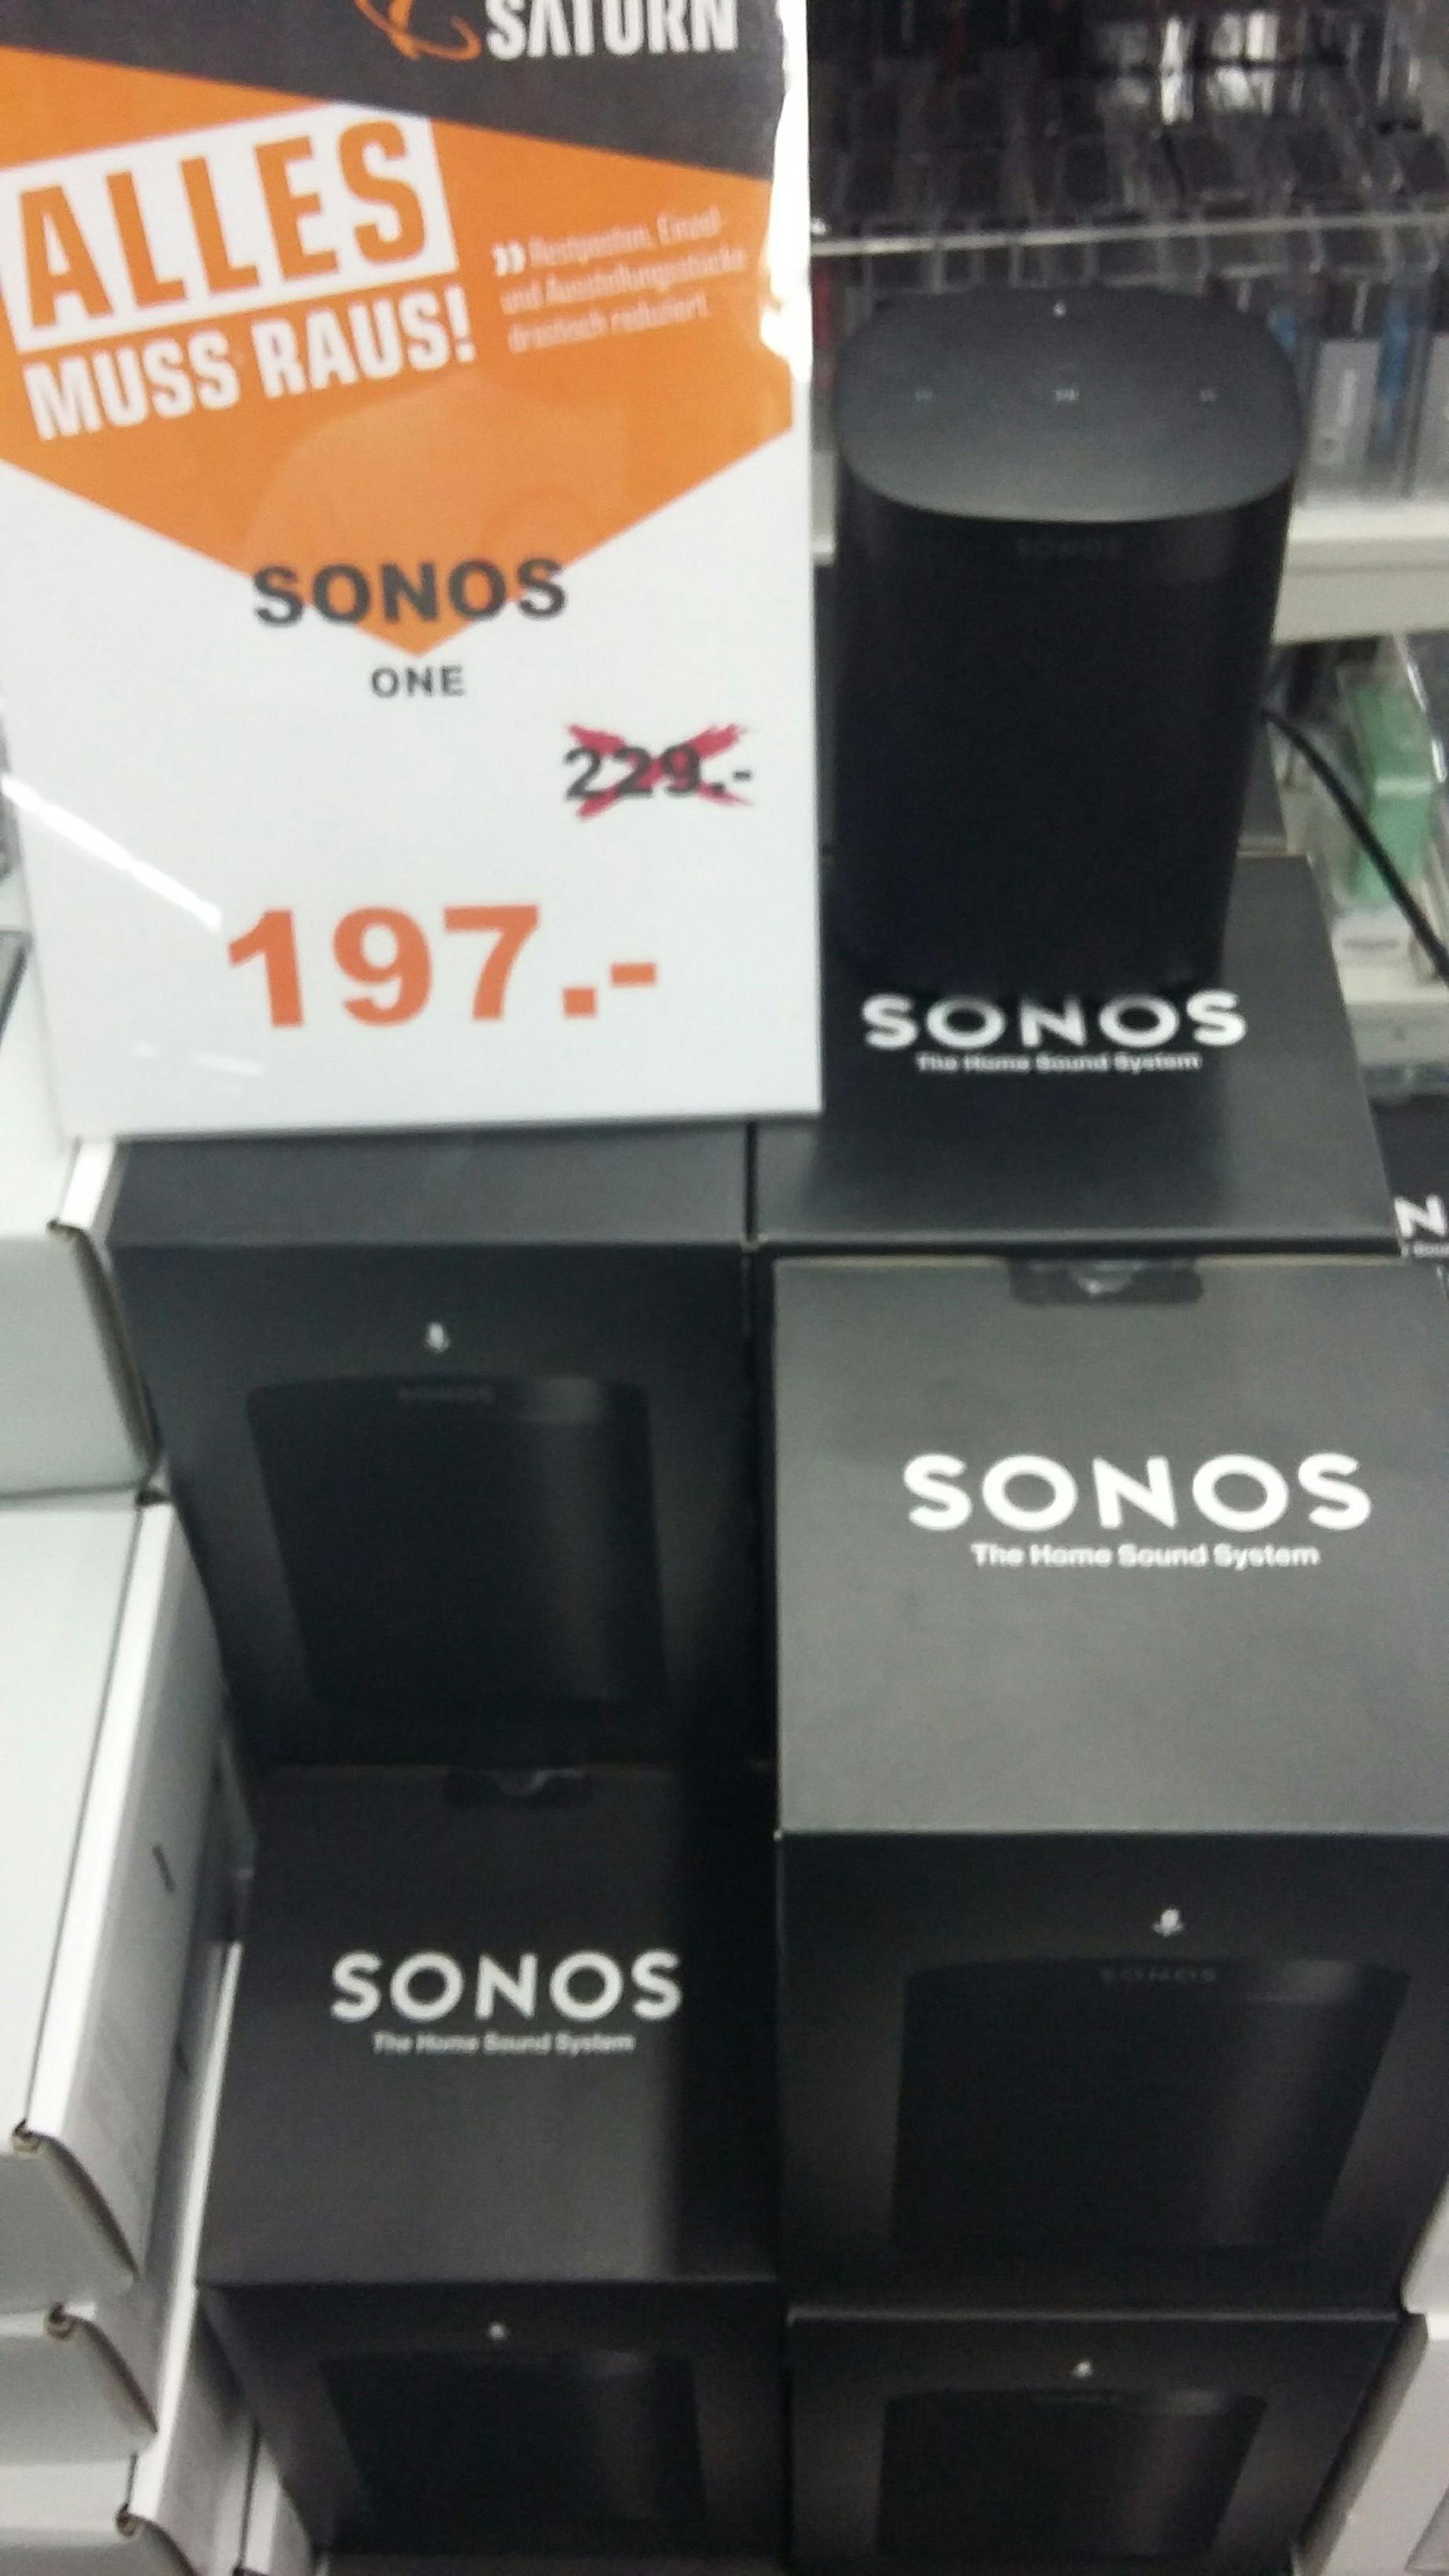 Lokal Saturn Lünen Sonos One